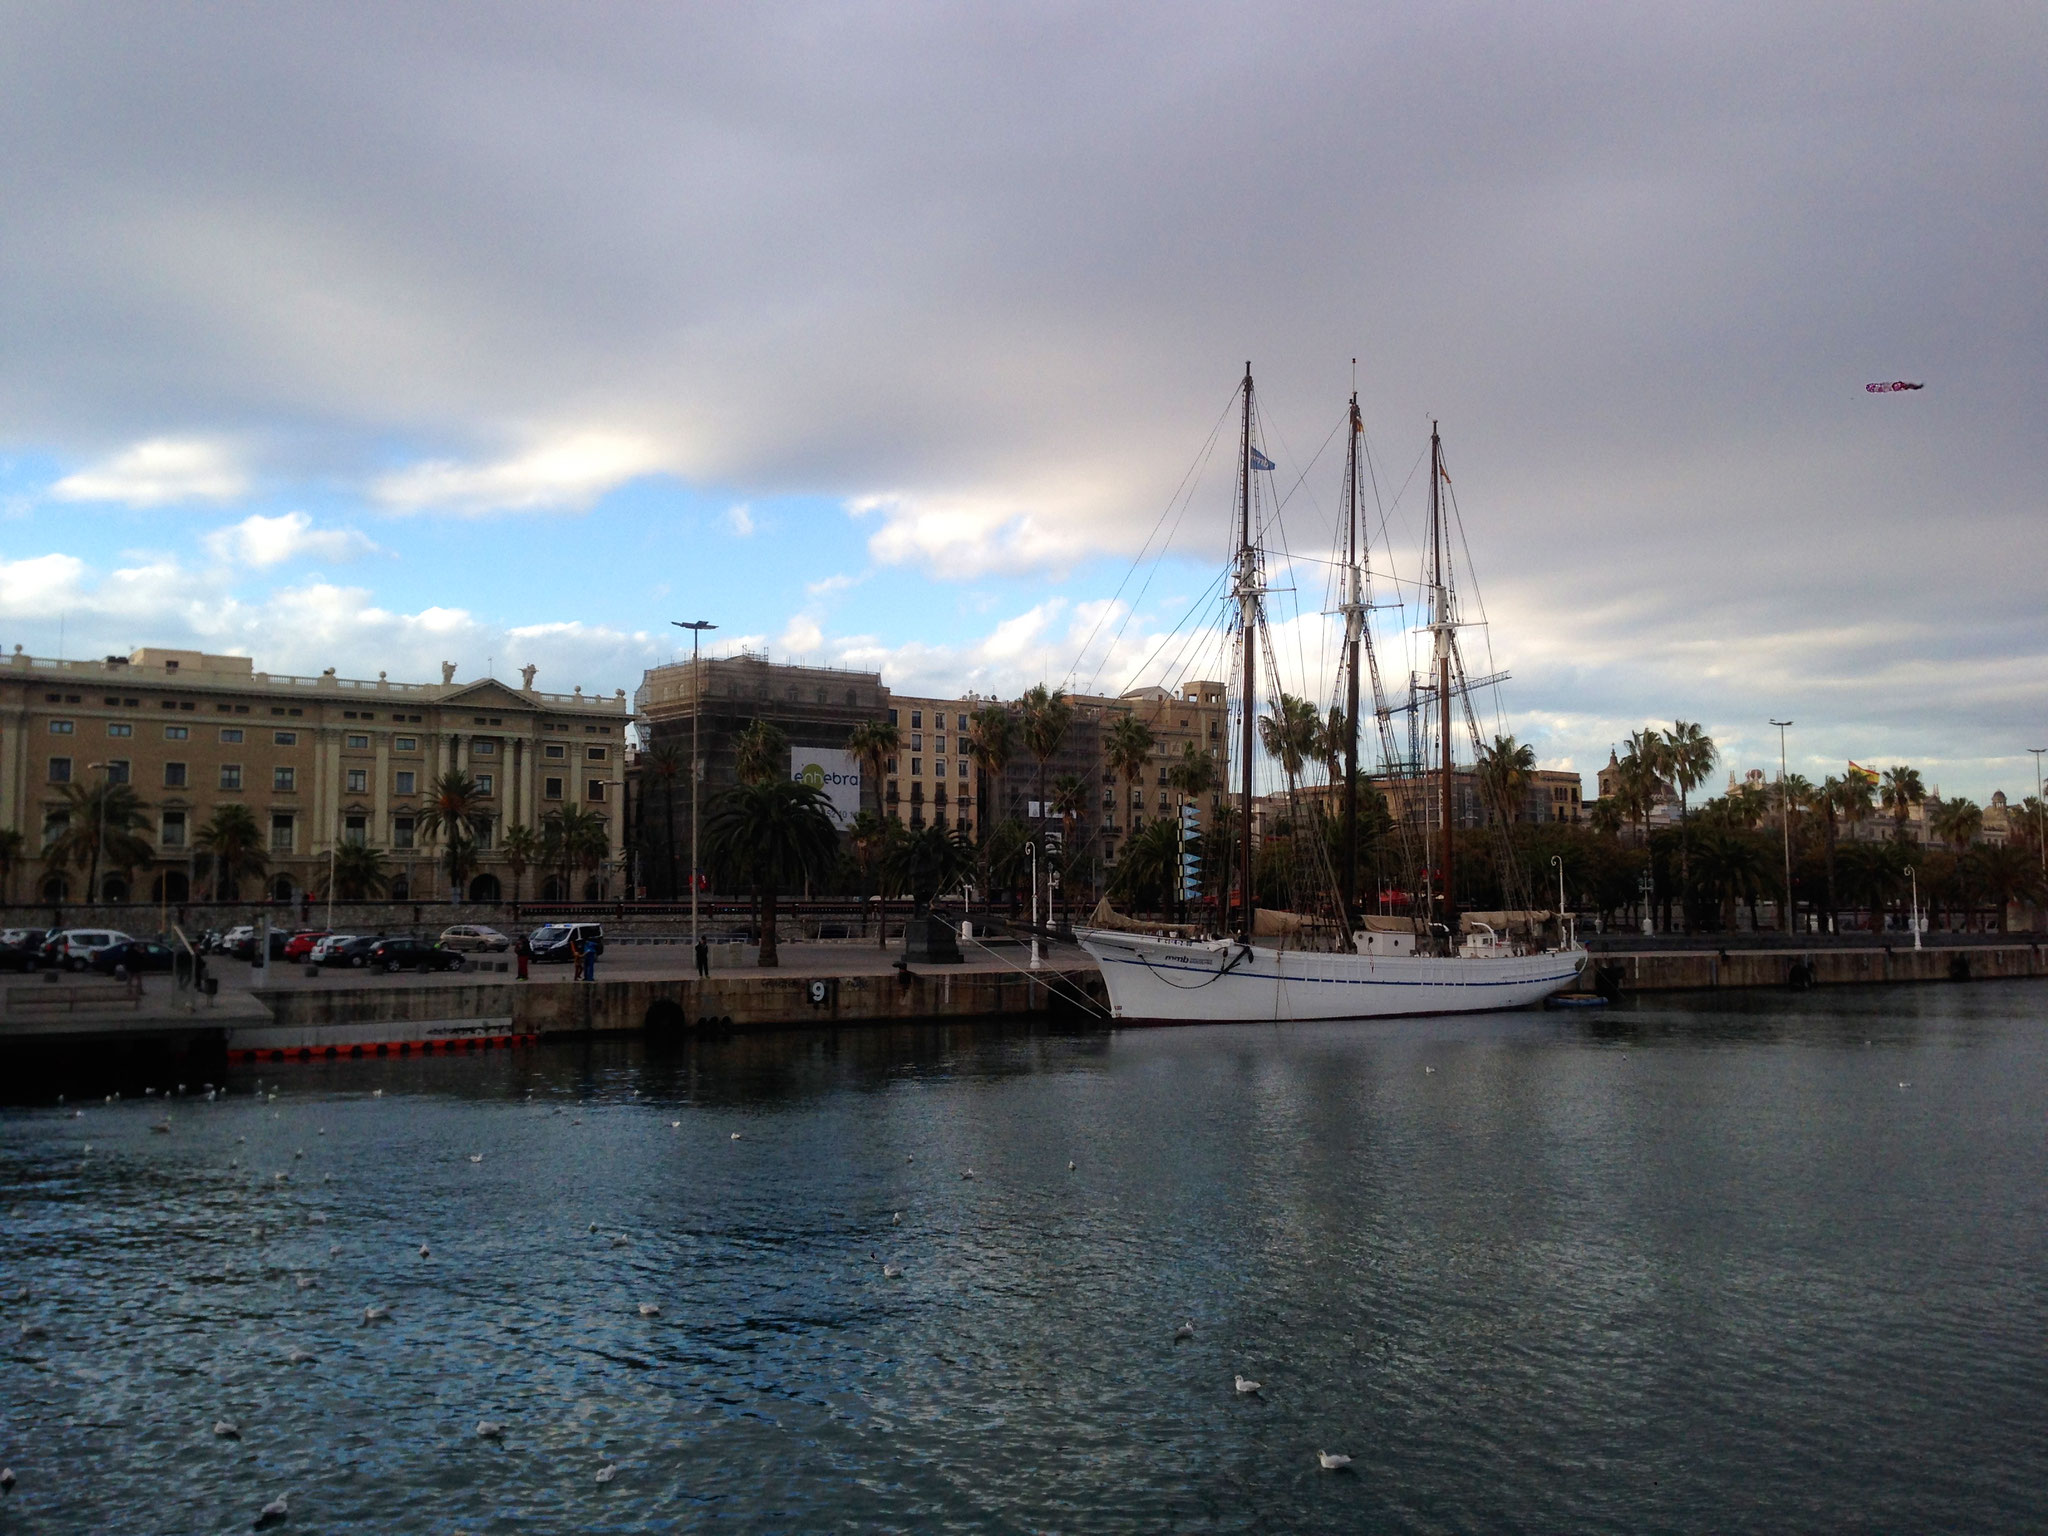 Ob mit Reisemobil, Allrad-Reisemobil oder gar Expeditionsmobil ... Barcelona ist eine schöne Stadt, die zum Spazieren einläd